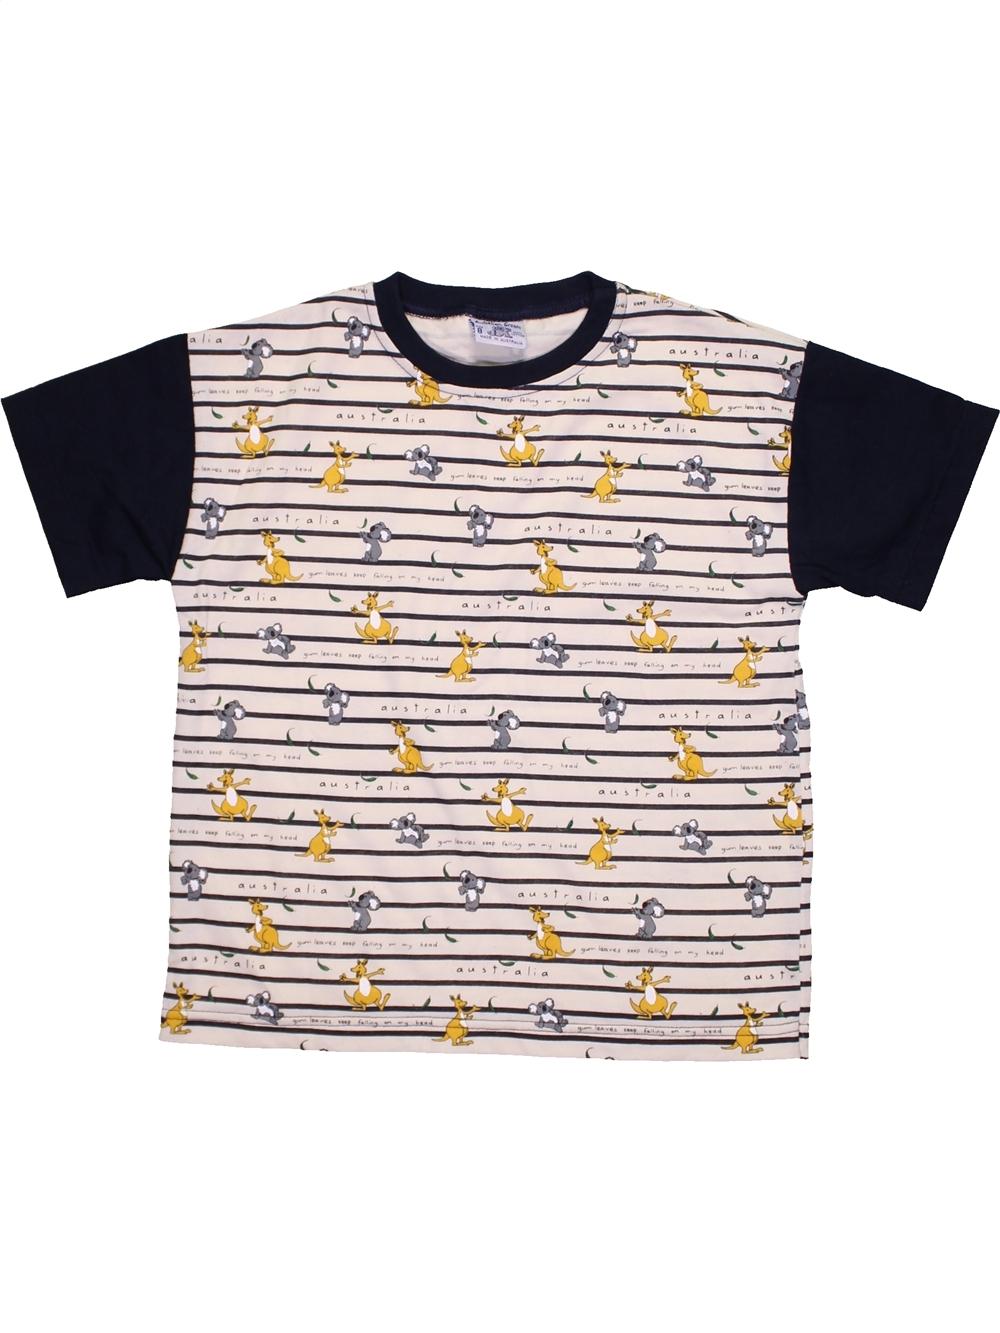 T-shirt-manches-courtes-enfant-garcon-AUSTRALIAN-GROWN-8-ans-noir-ete-vete